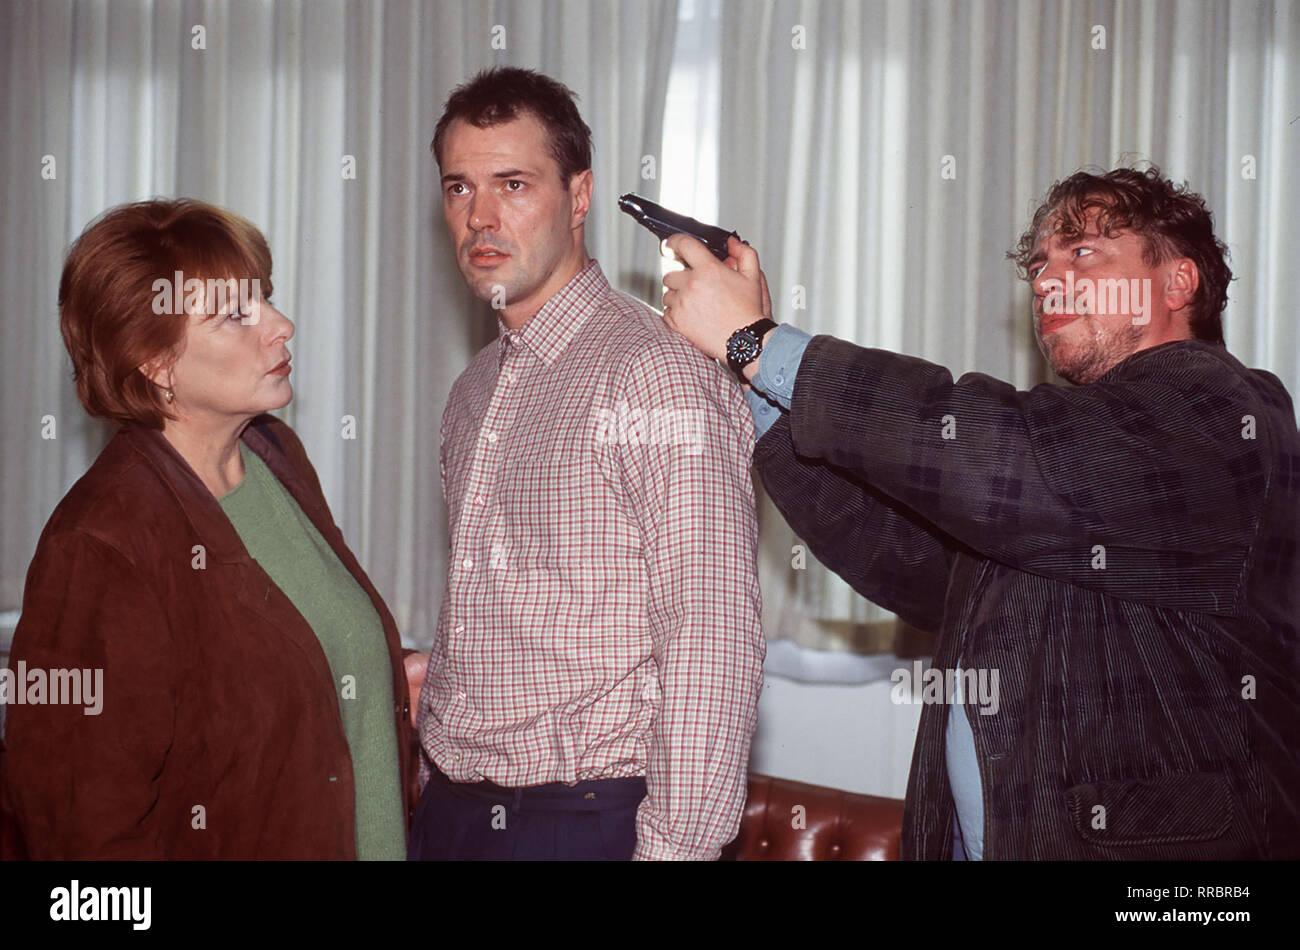 Idiot gelaufen für Bella Block (HANNELORE HOGER): die sich Ganz unerwartet Entführungsopfer Friedemann Mommsen (SEBASTIAN KOCH, m.) und der Hauptverdächtige Gregor Hoppe (ARMIN ROHDE et). Regie: Erwin Keusch aka. Geldgier / Überschrift: BELLA BLOCK / BRD 1996 Banque D'Images